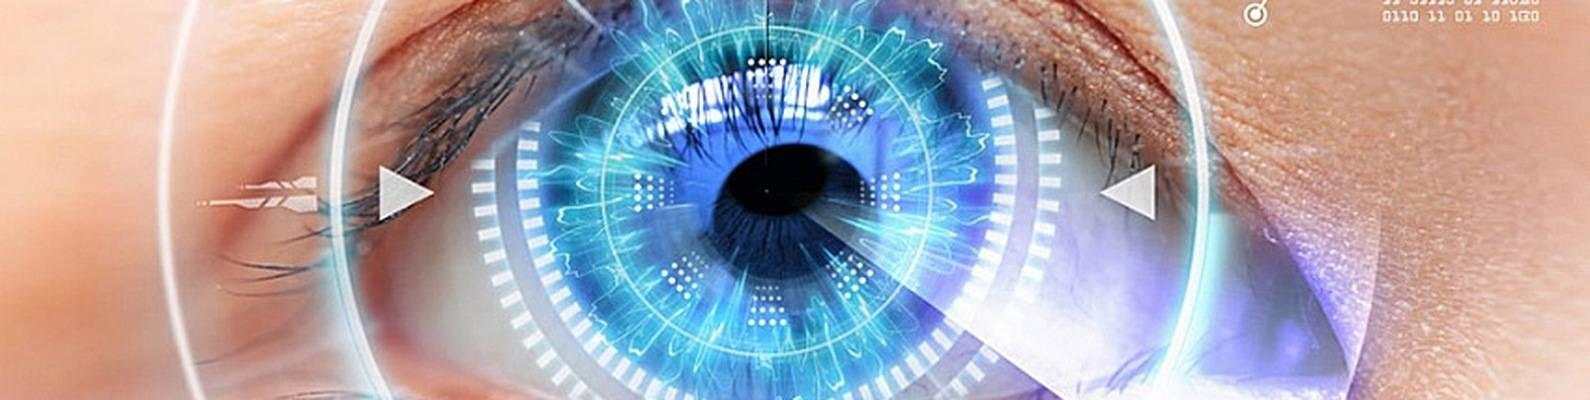 """Компьютерный зрительный синдром - """"здоровое око"""""""